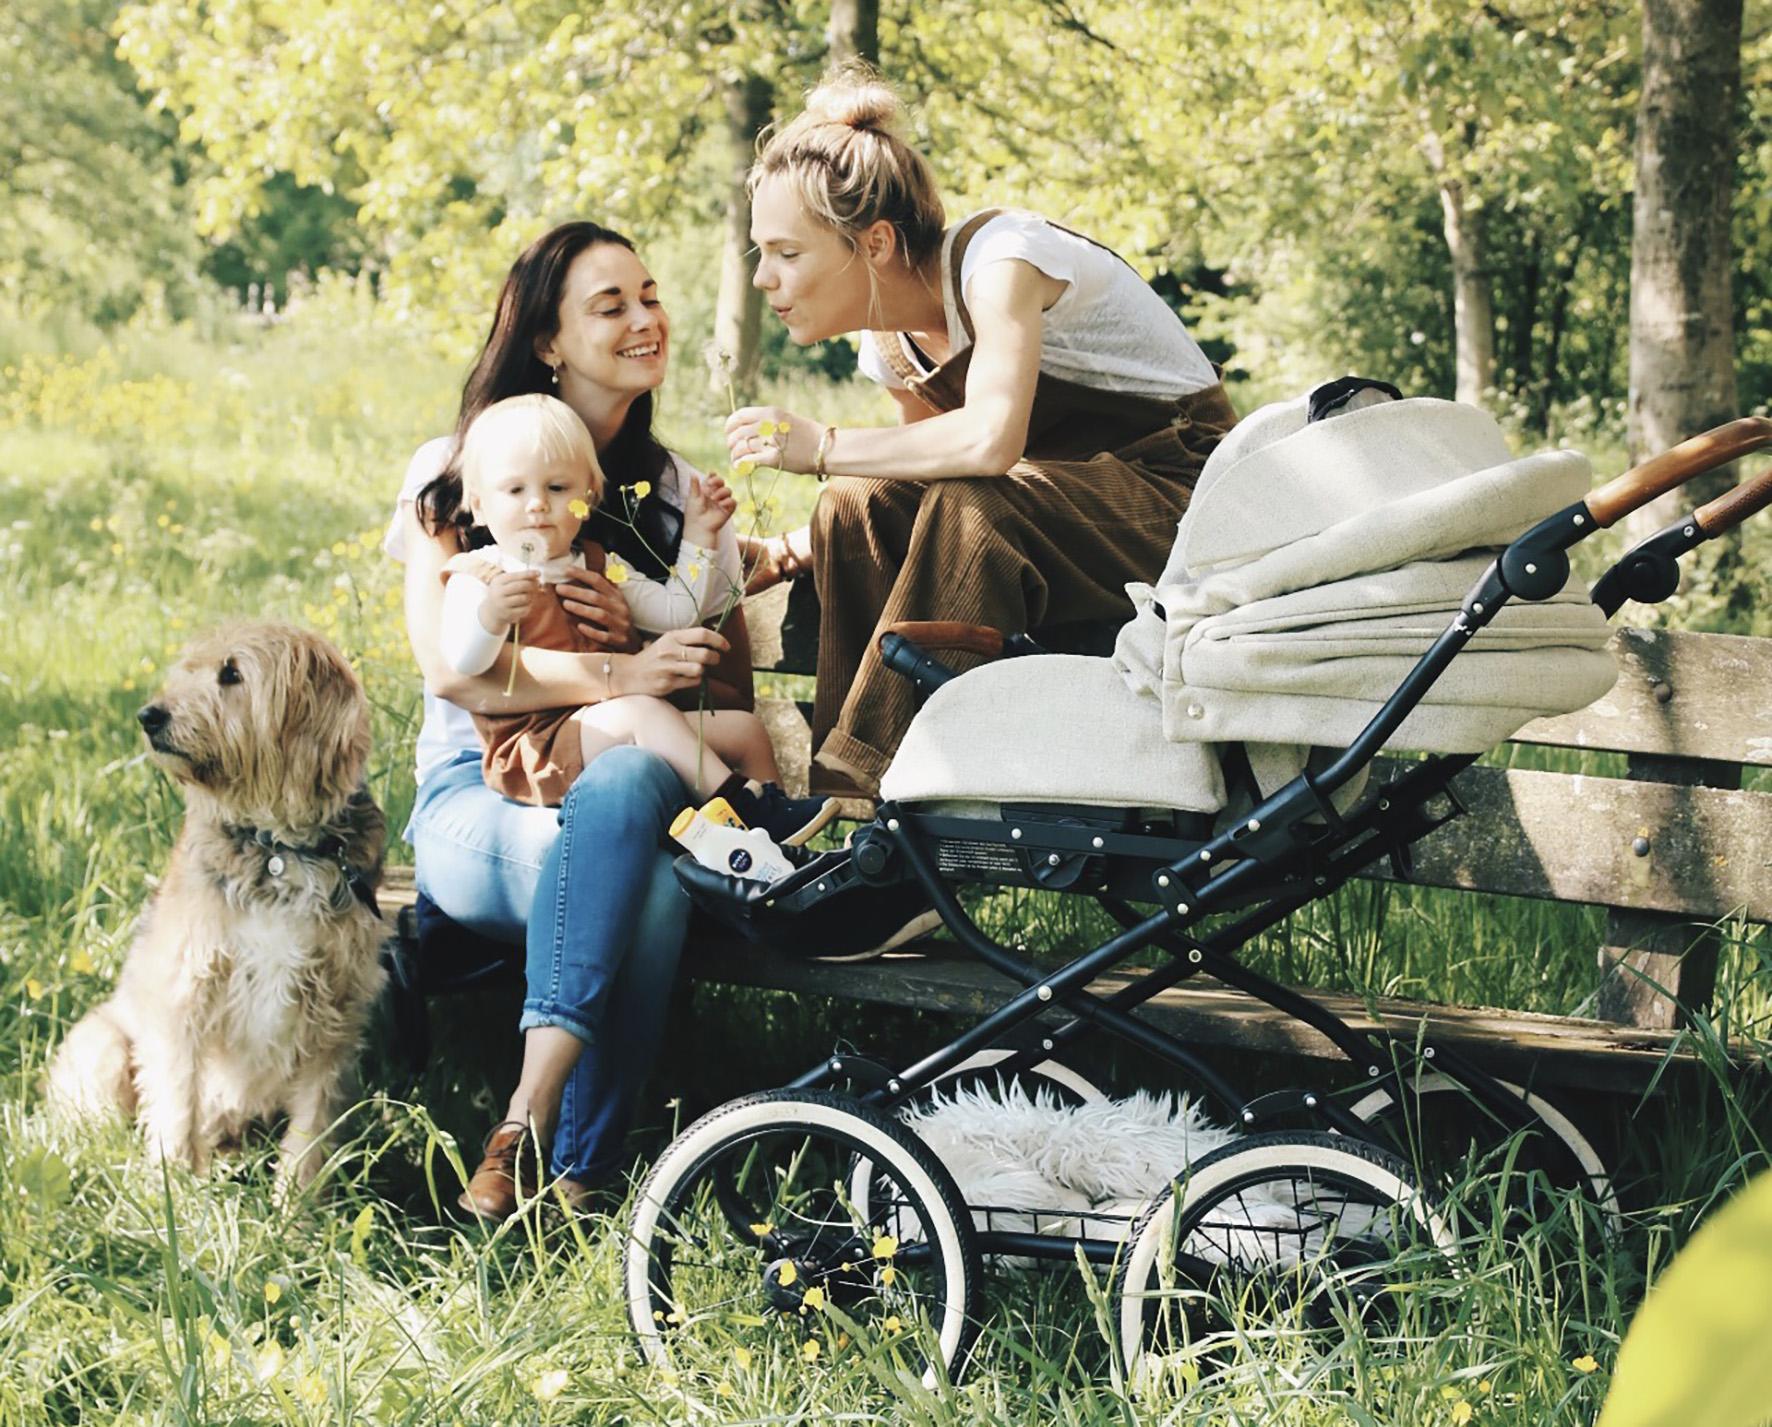 Op deze foto zie je twee vrouwen met een kinderwens